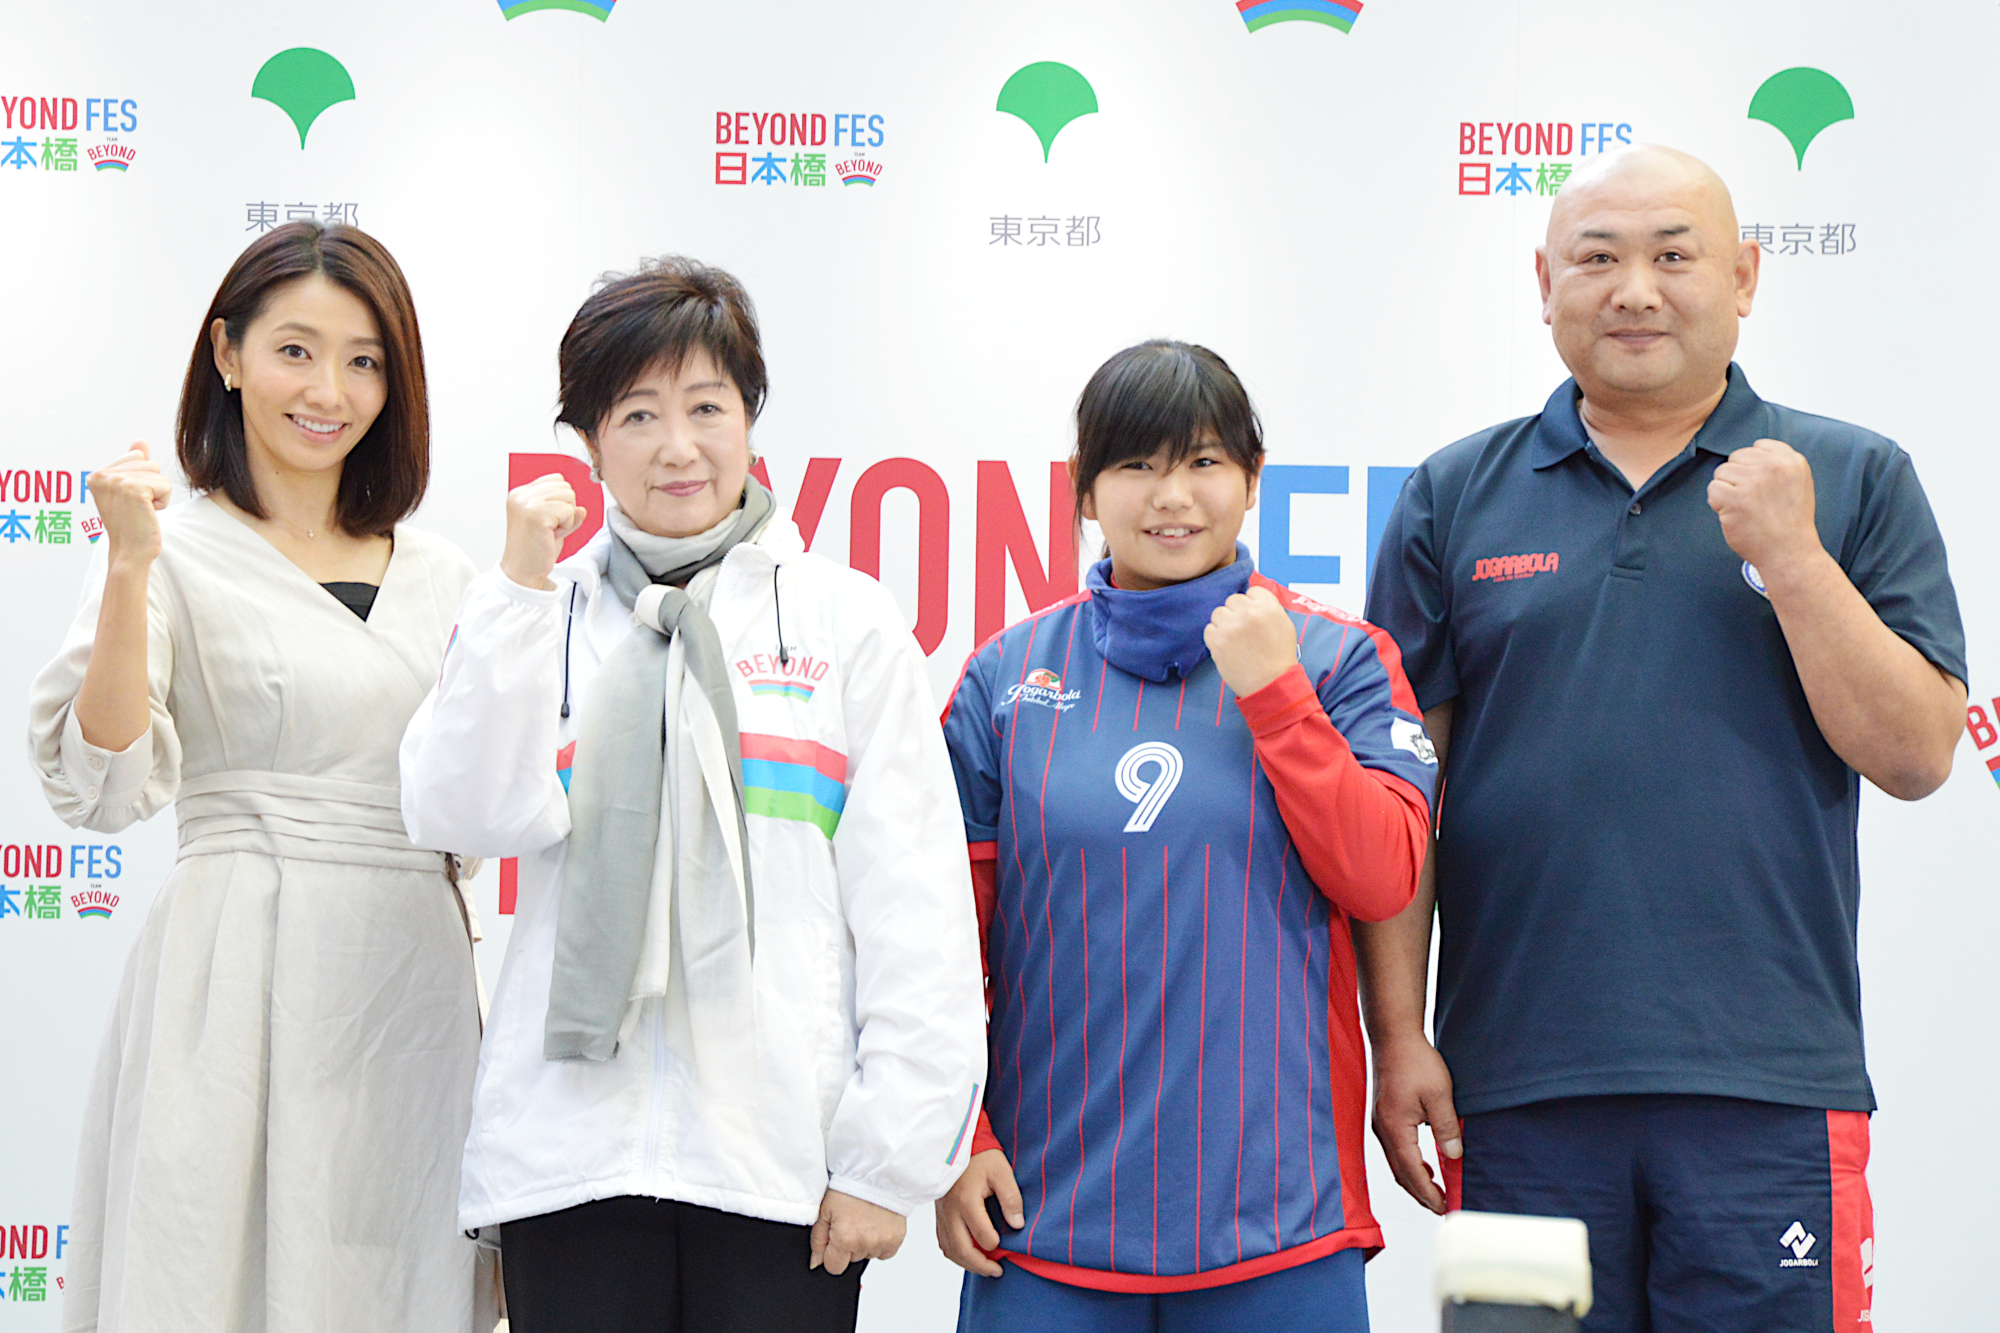 小池知事も登場! パラスポーツを語った、体験した「BEYOND FES 日本橋」